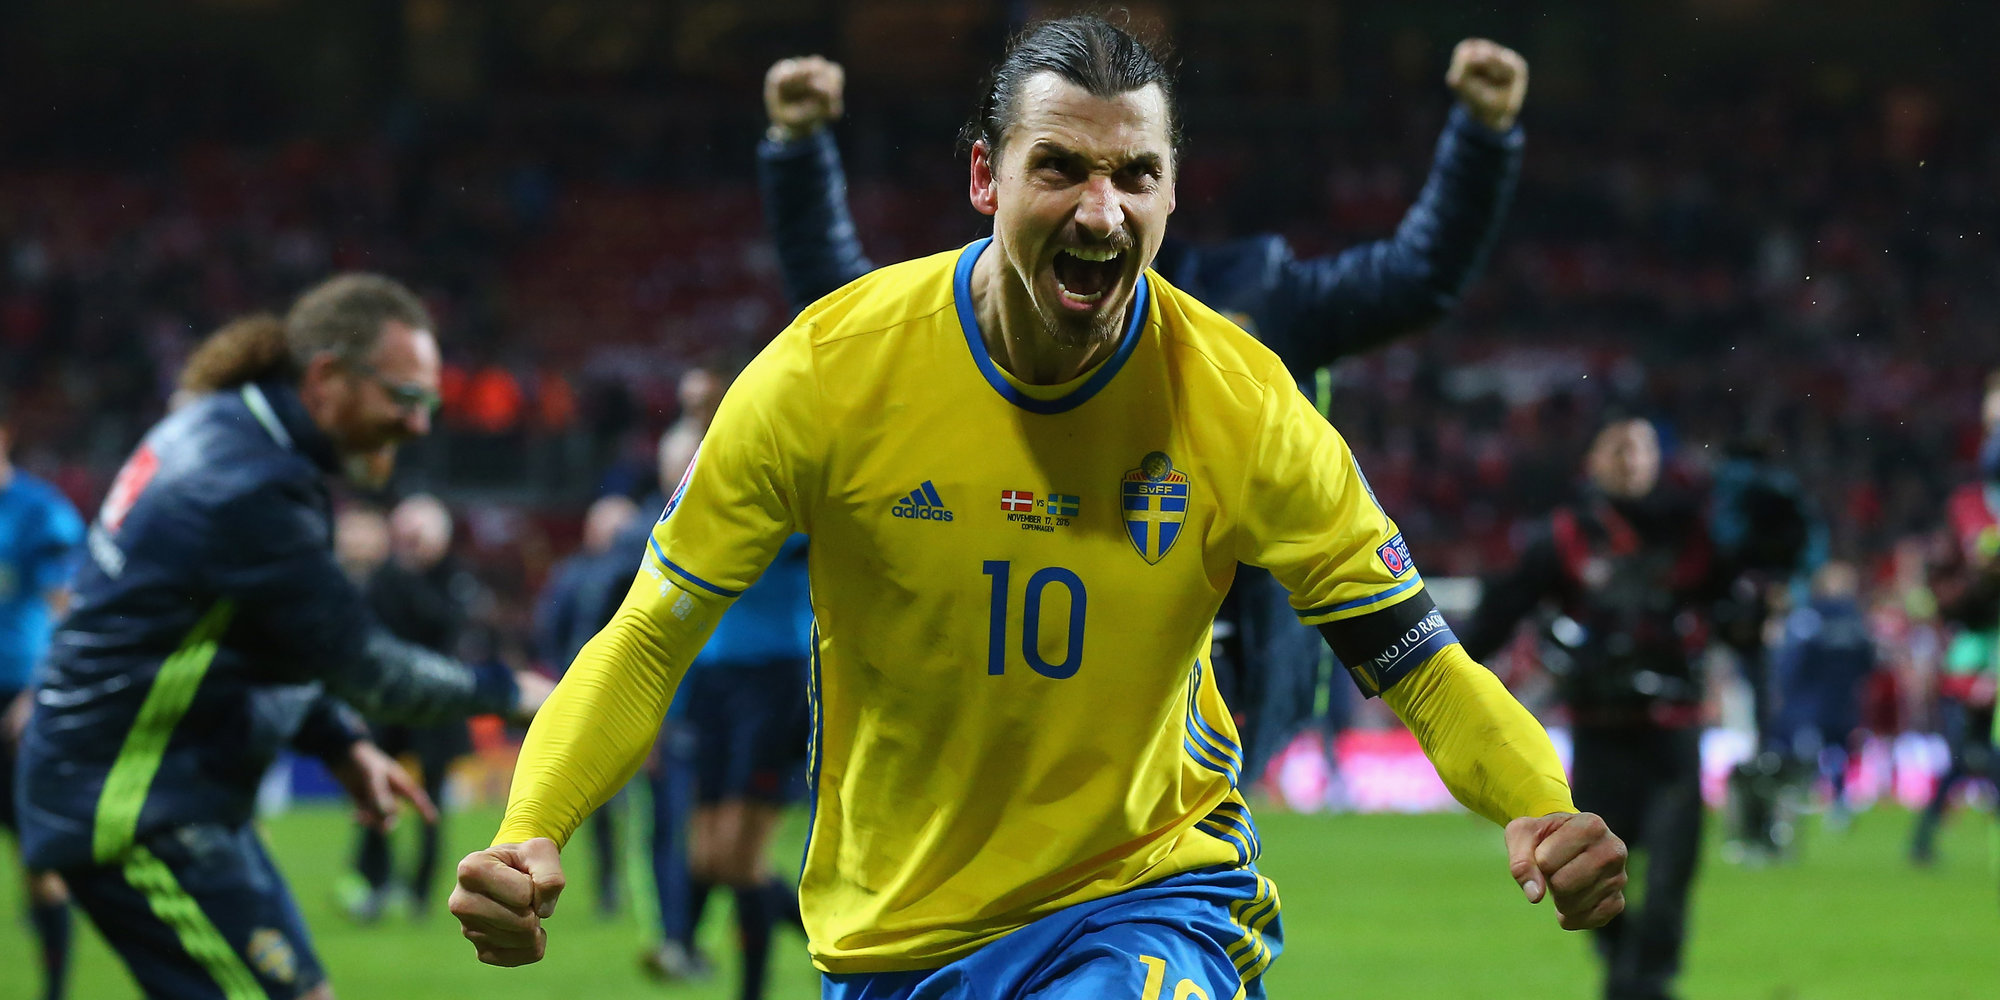 ФИФА может запретить Ибрагимовичу участвовать вЧМ